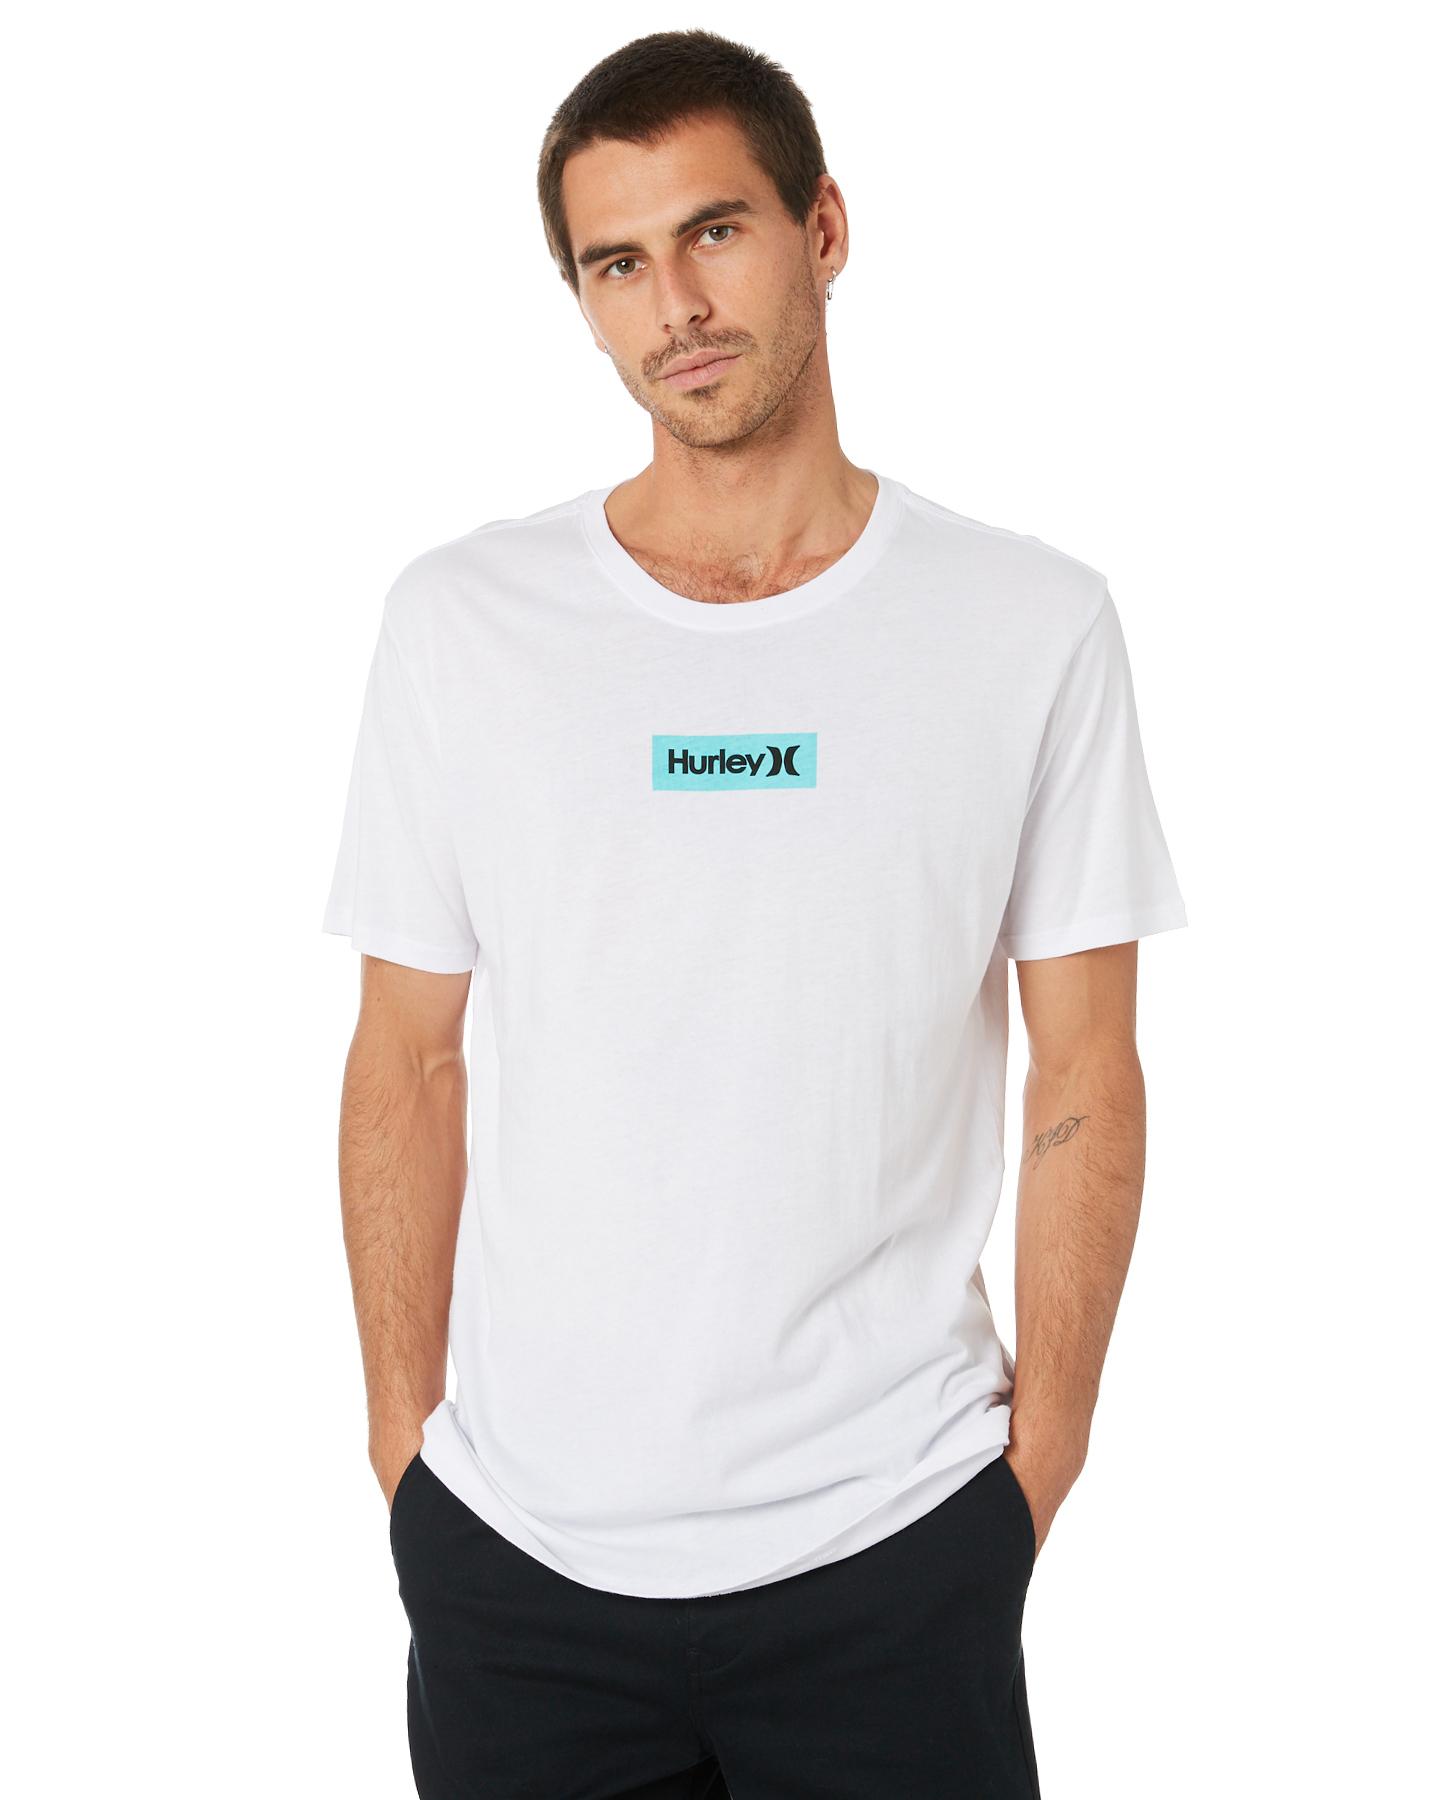 T-Shirt Hurley Small Box